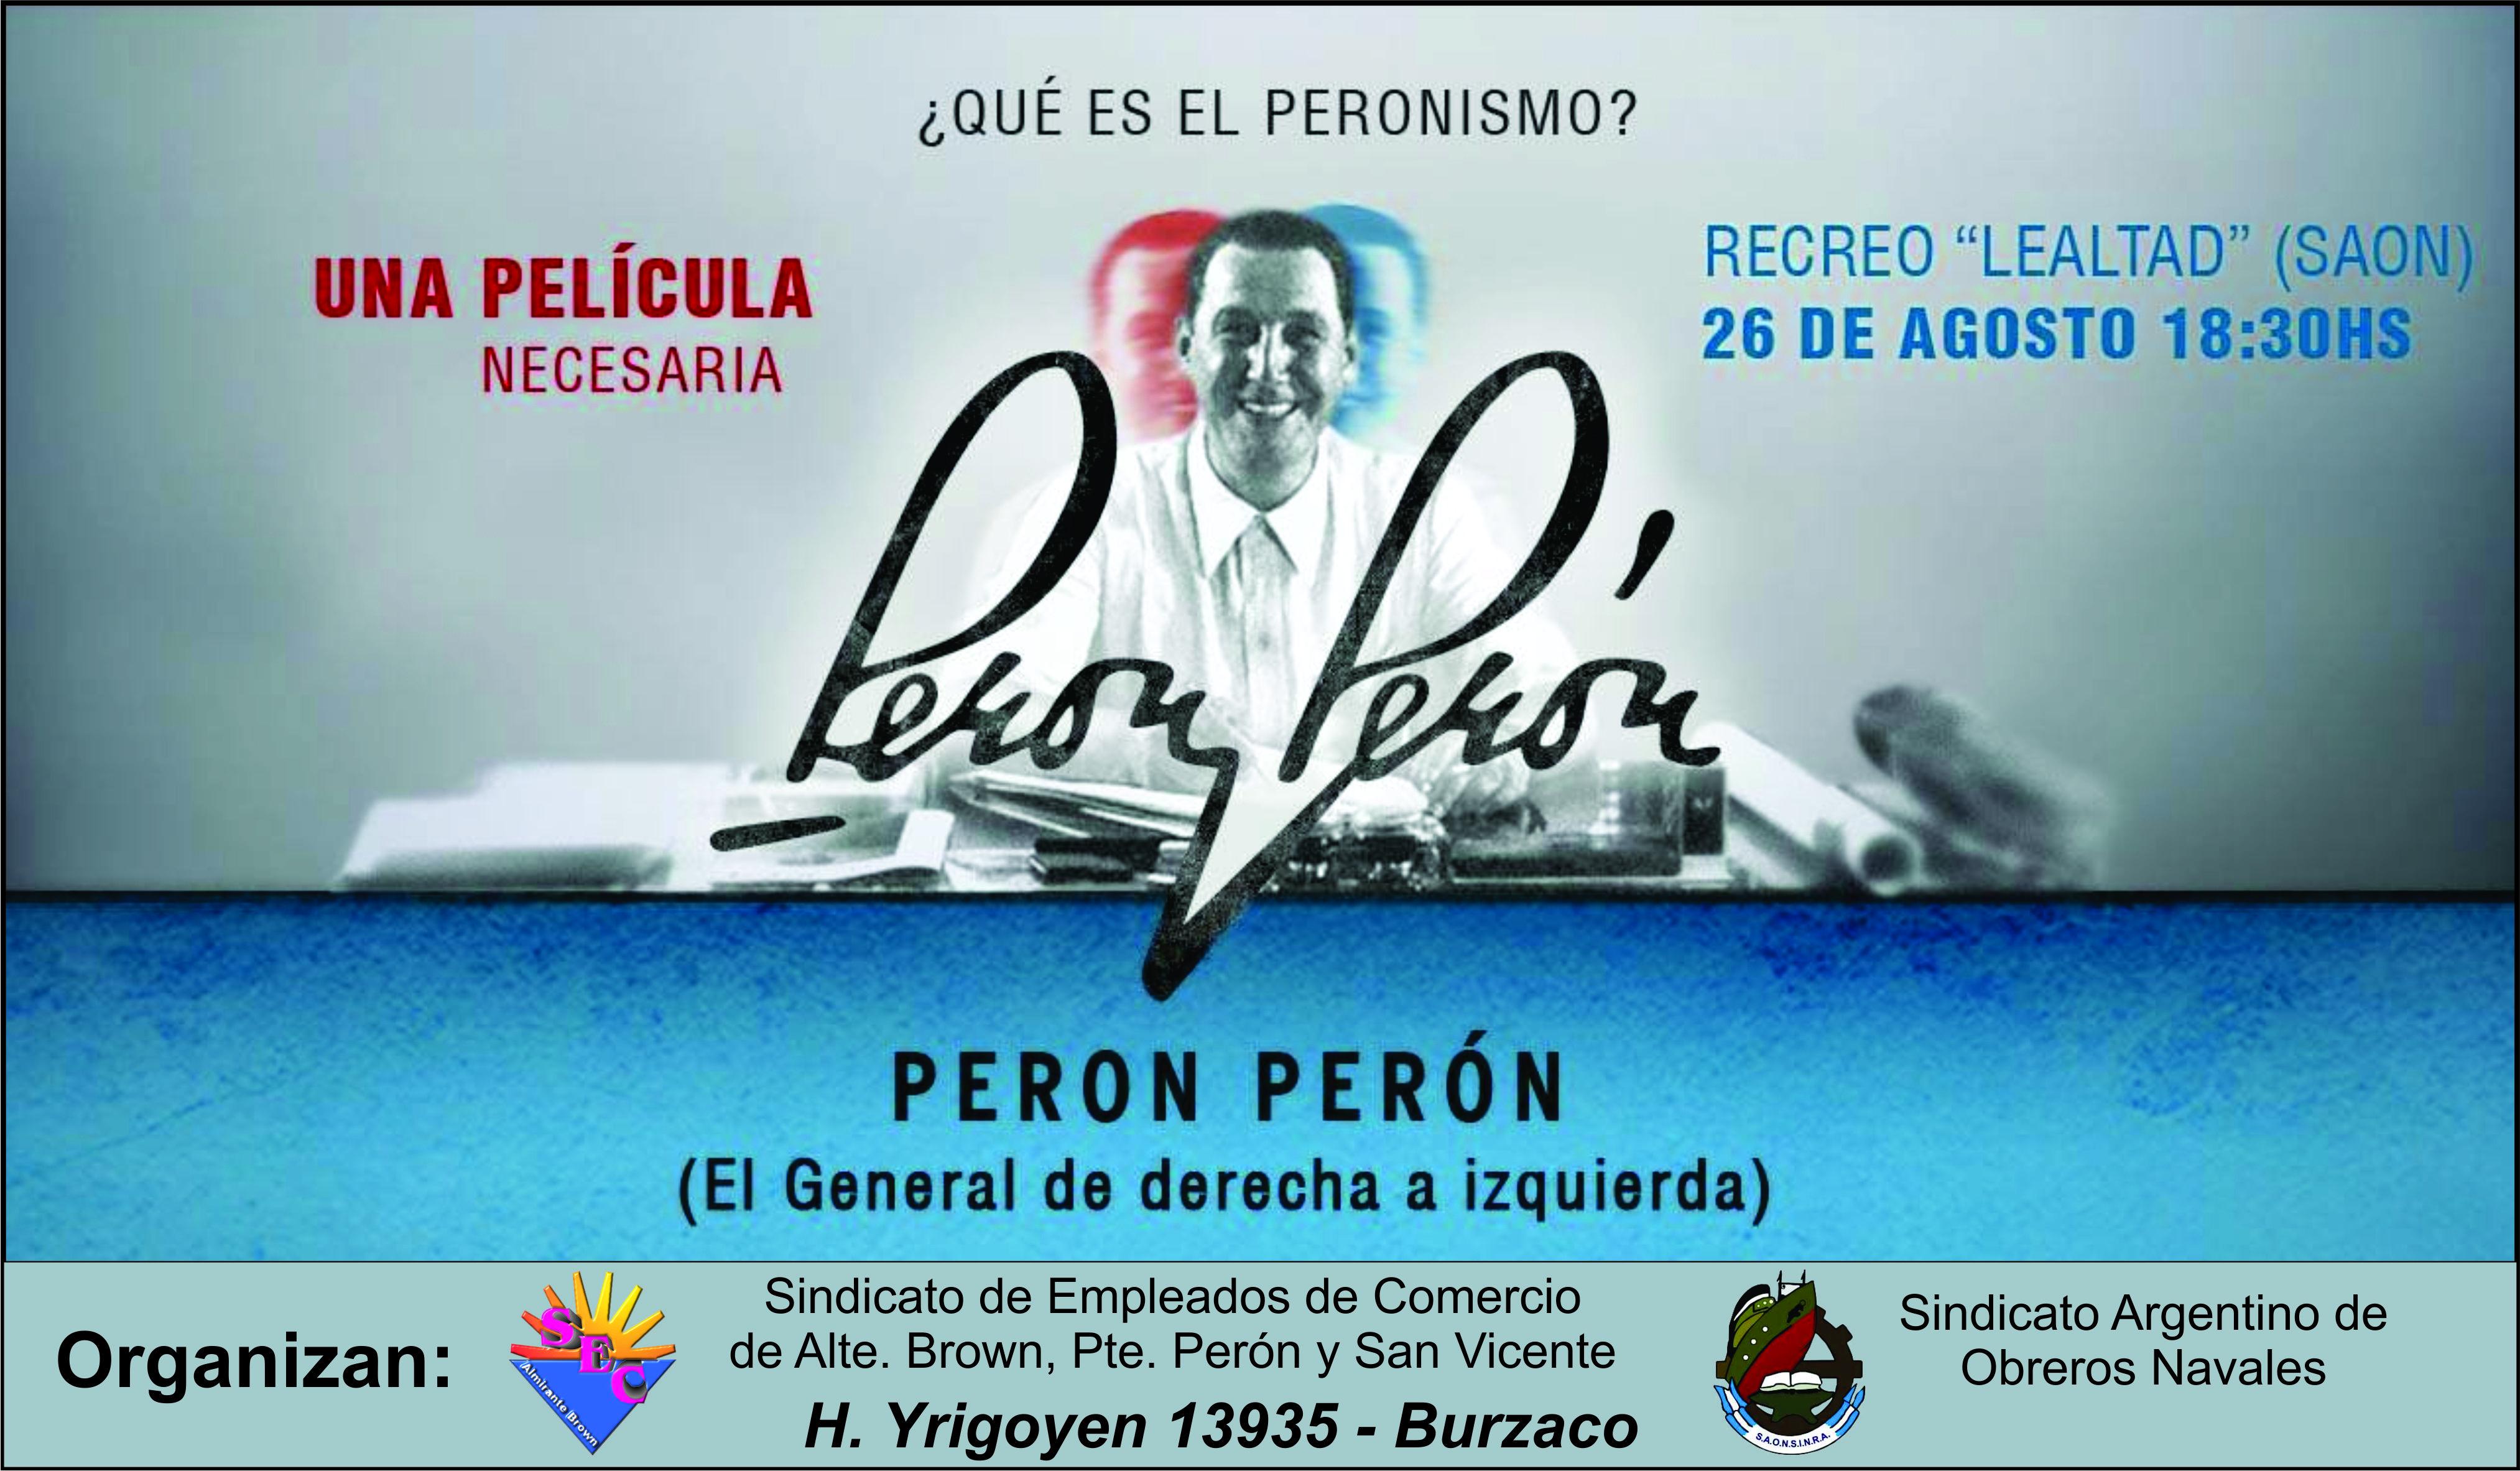 Pelicula Peron